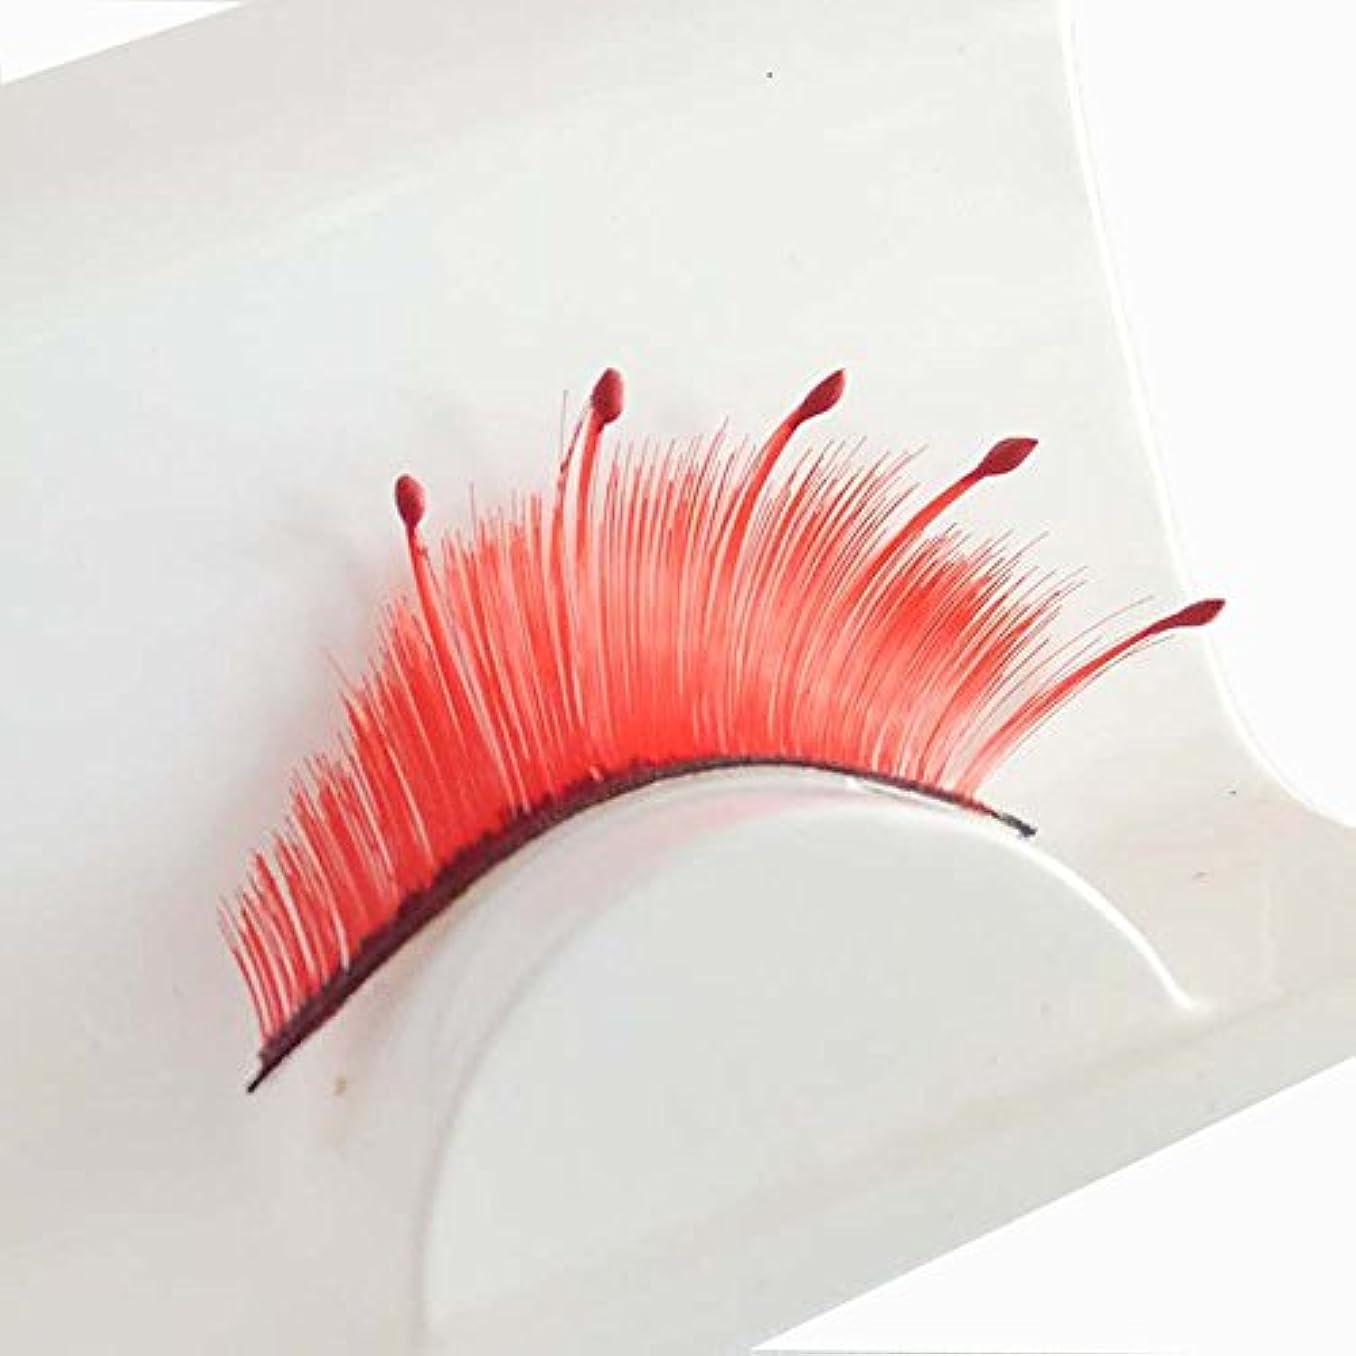 経由で忠実に展開する組の女性のハロウィーンパーティー党メイクアップアート赤い波つけまつげ